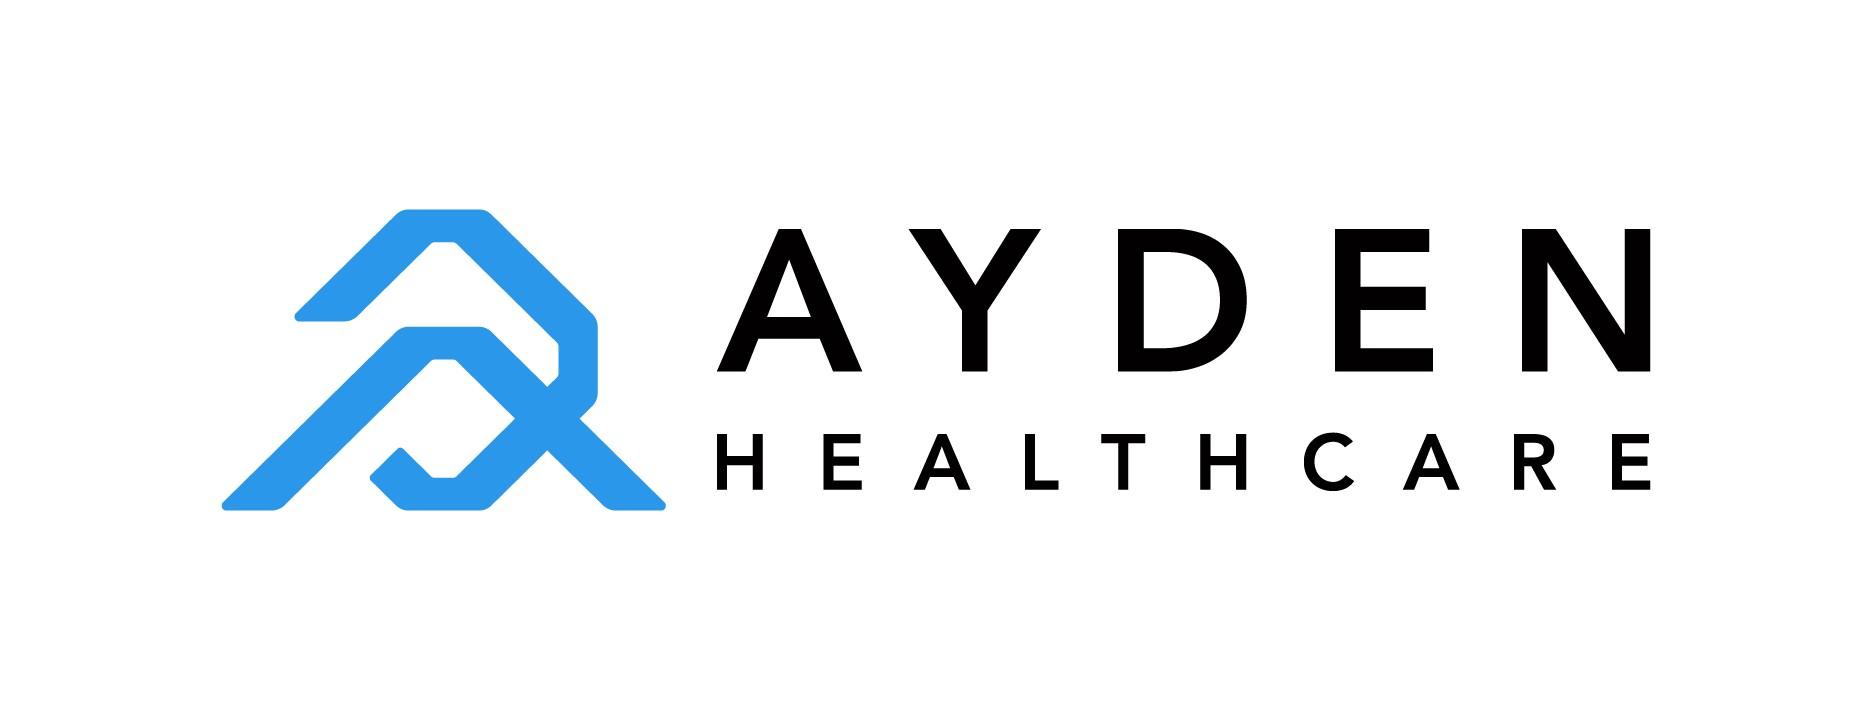 Ayden Healthcare Linkedin